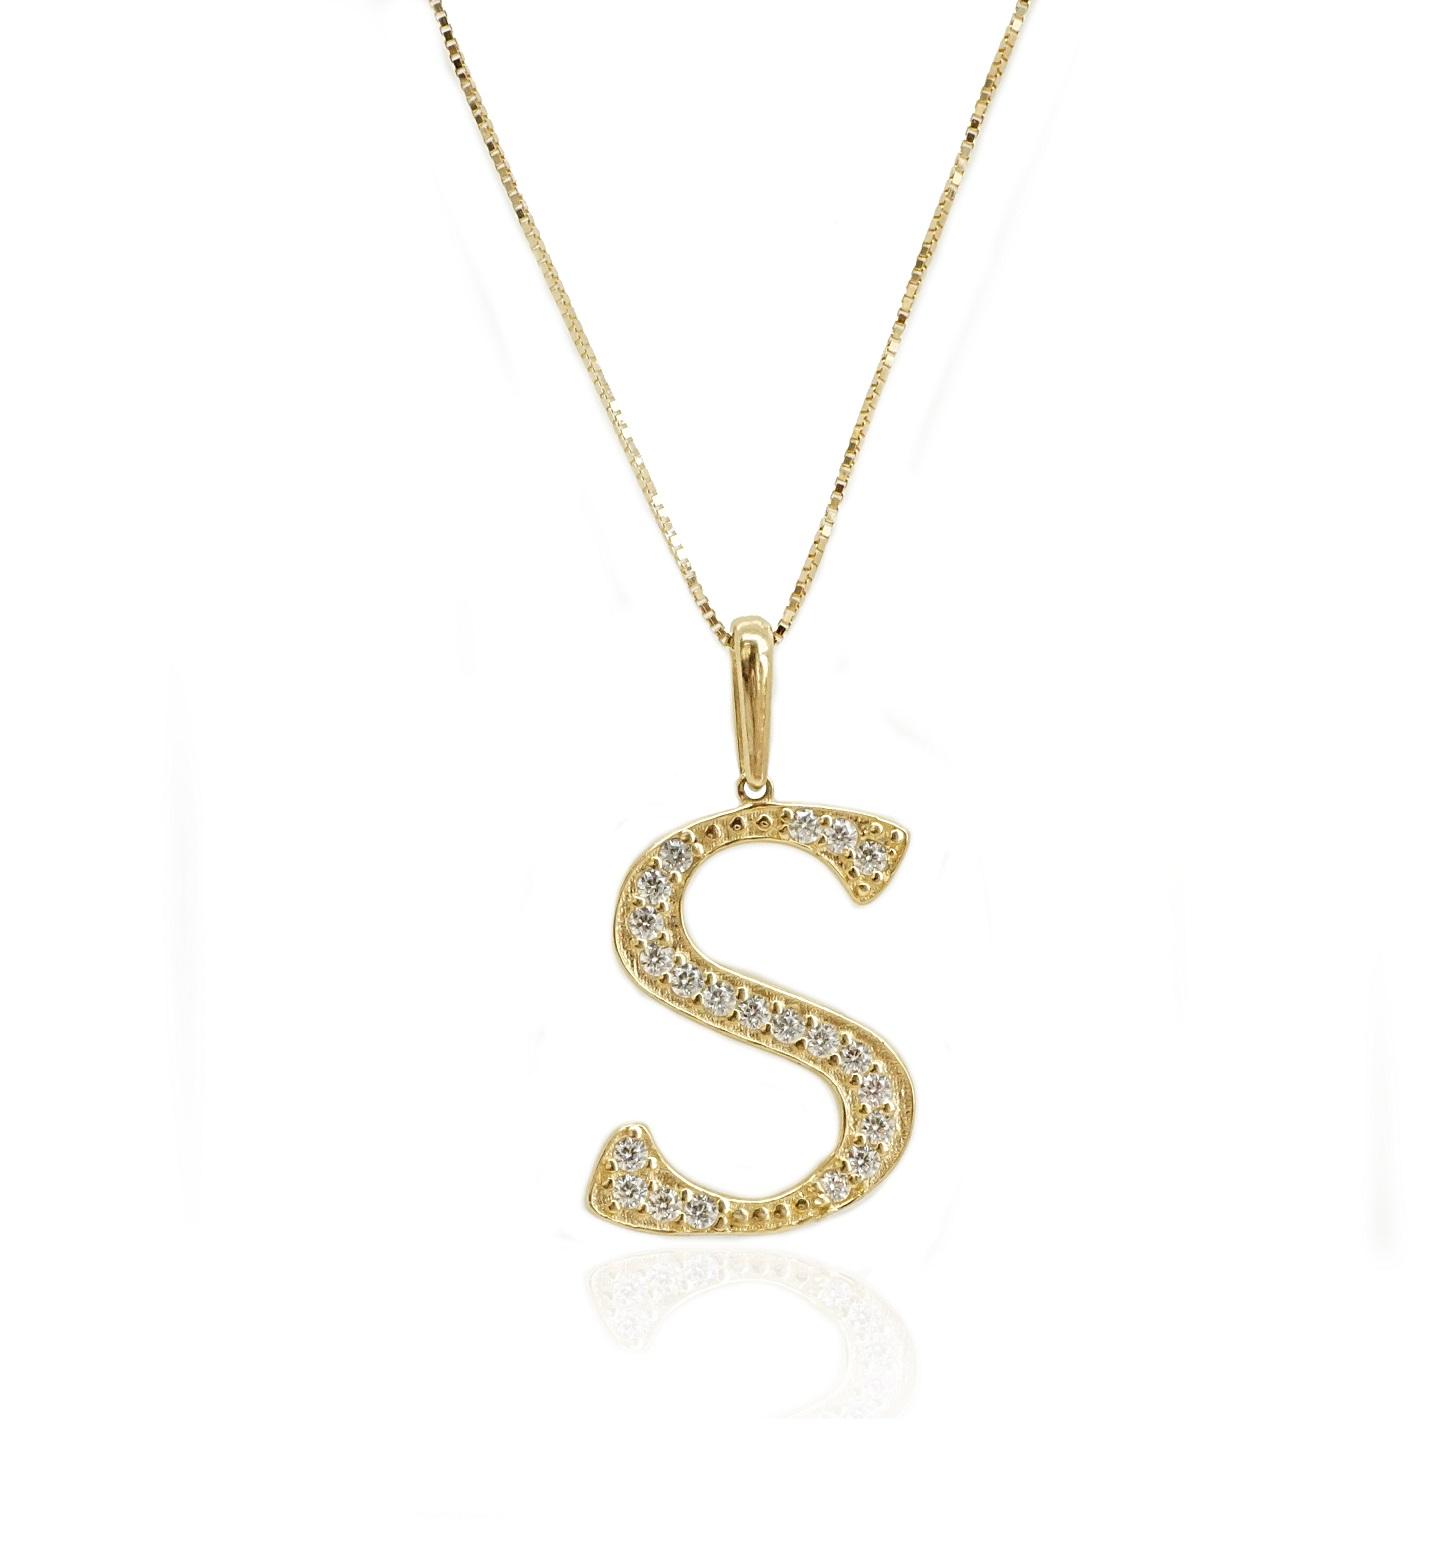 שרשרת זהב אות S שרשרת זהב אות באנגלית